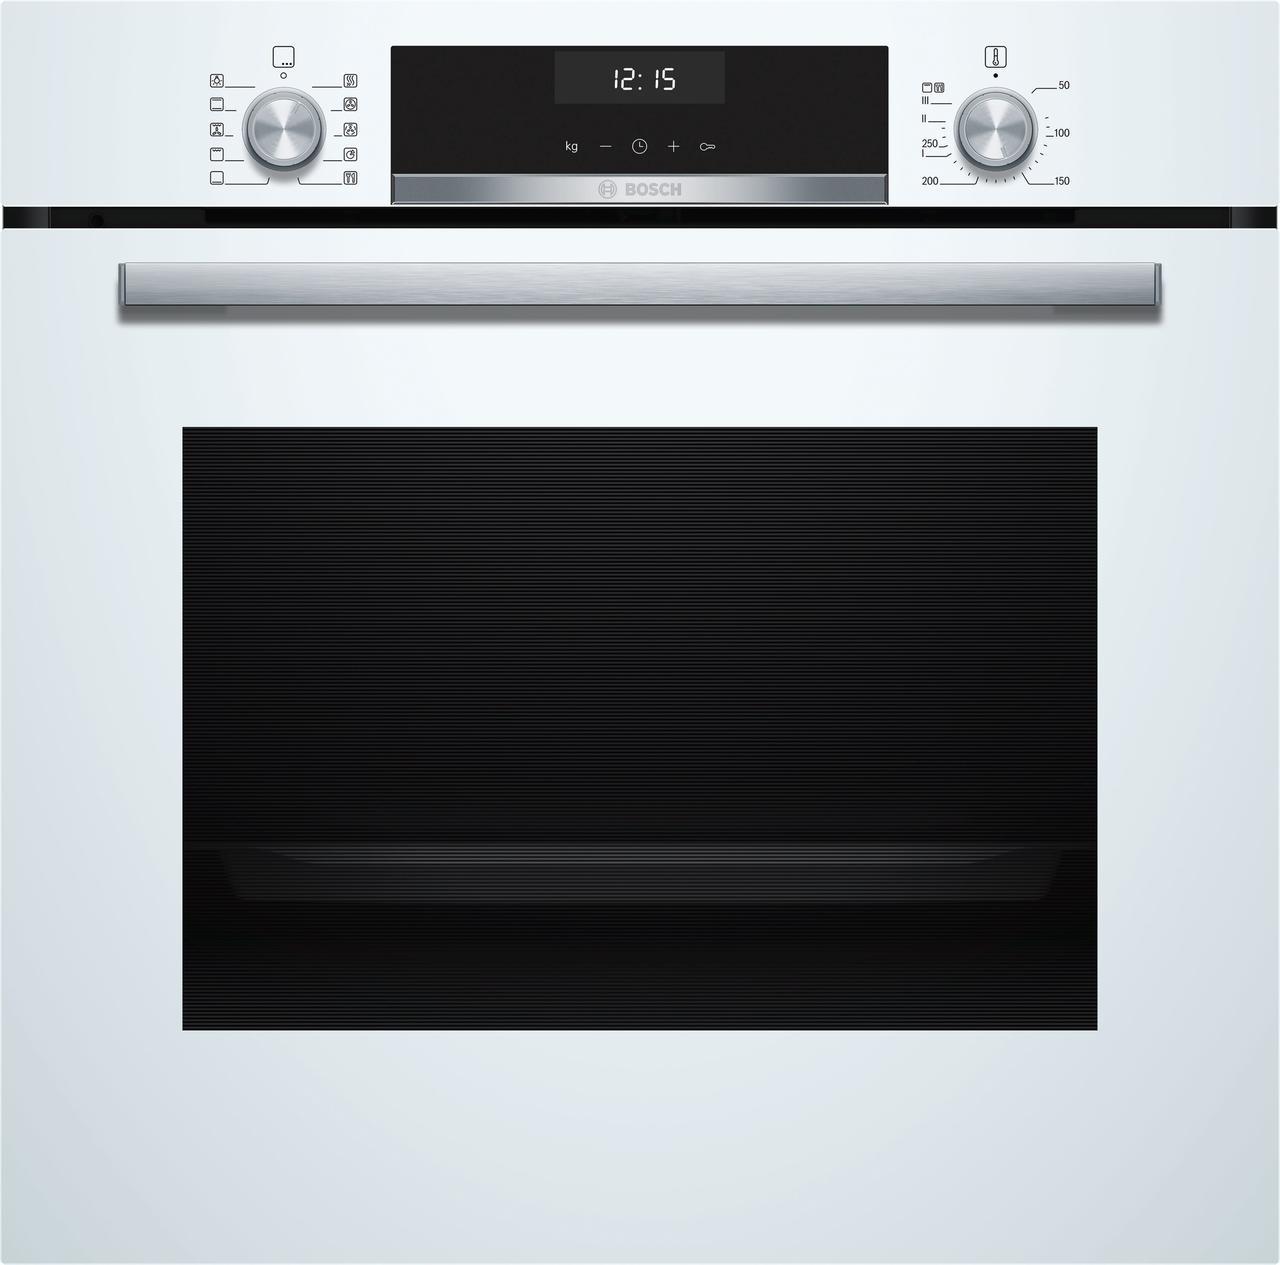 Встраиваемый духовой шкаф Bosch 60 cm Белый (HBG 537 NW0R)